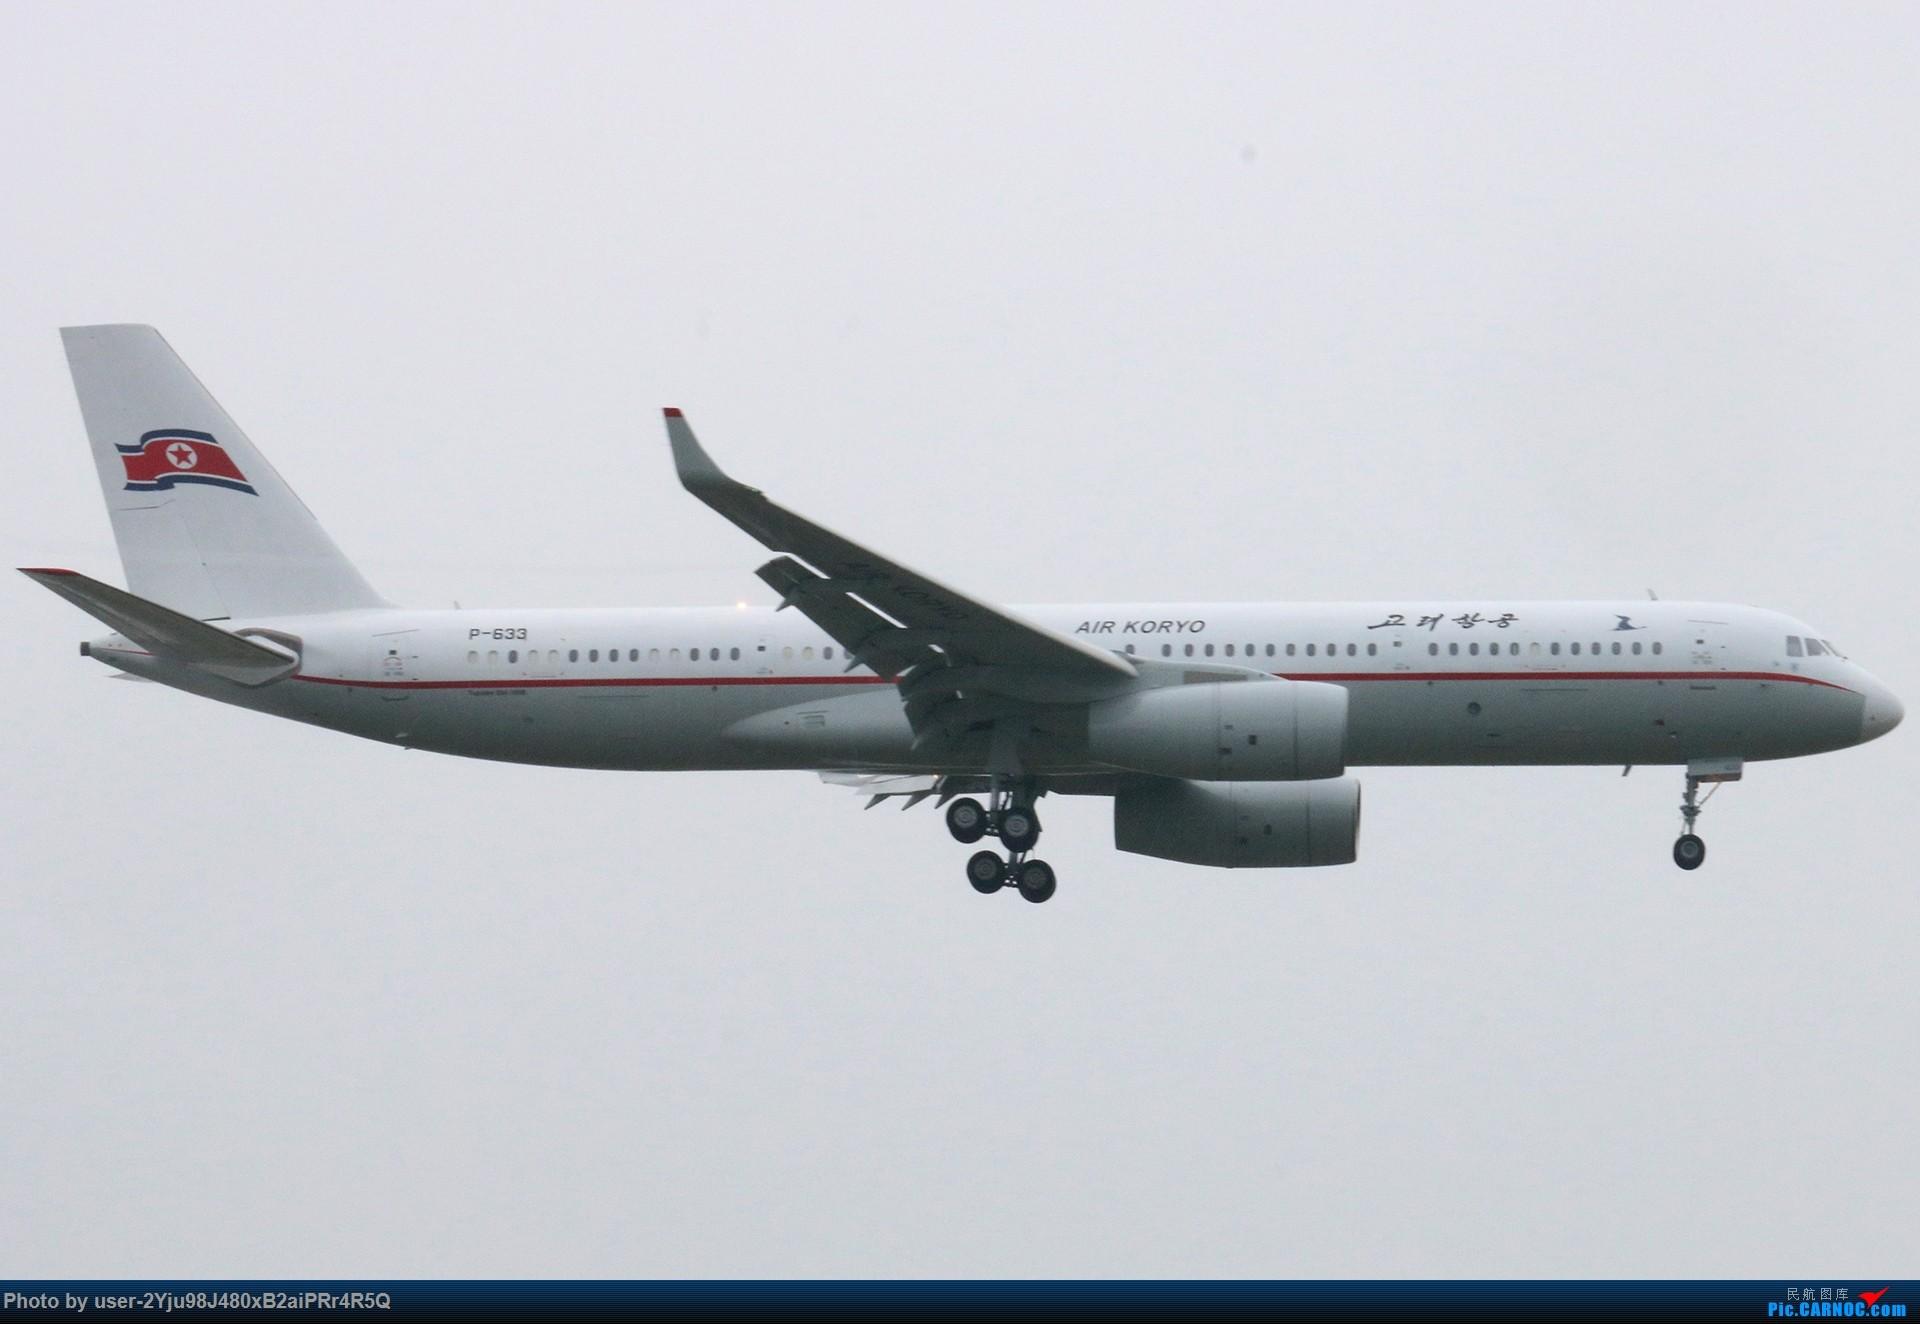 Re:[原创]PEK|01|36R|天空多灰,它们亦放亮 TUPOLEV TU-204 P-633 中国北京首都国际机场